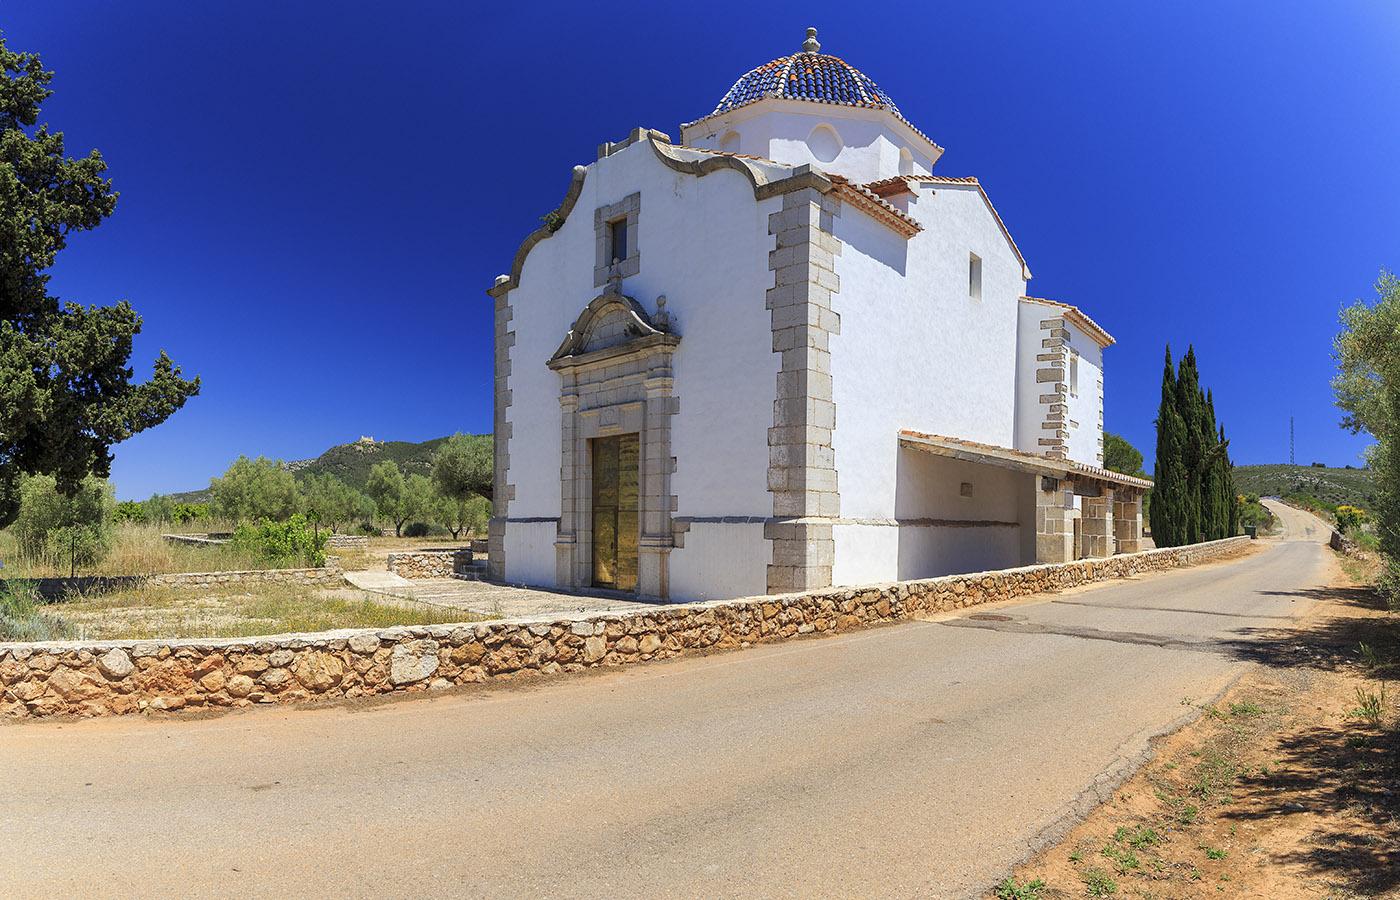 Turismo Alcossebre. Ermita de Calvari Alcalà de Xivert